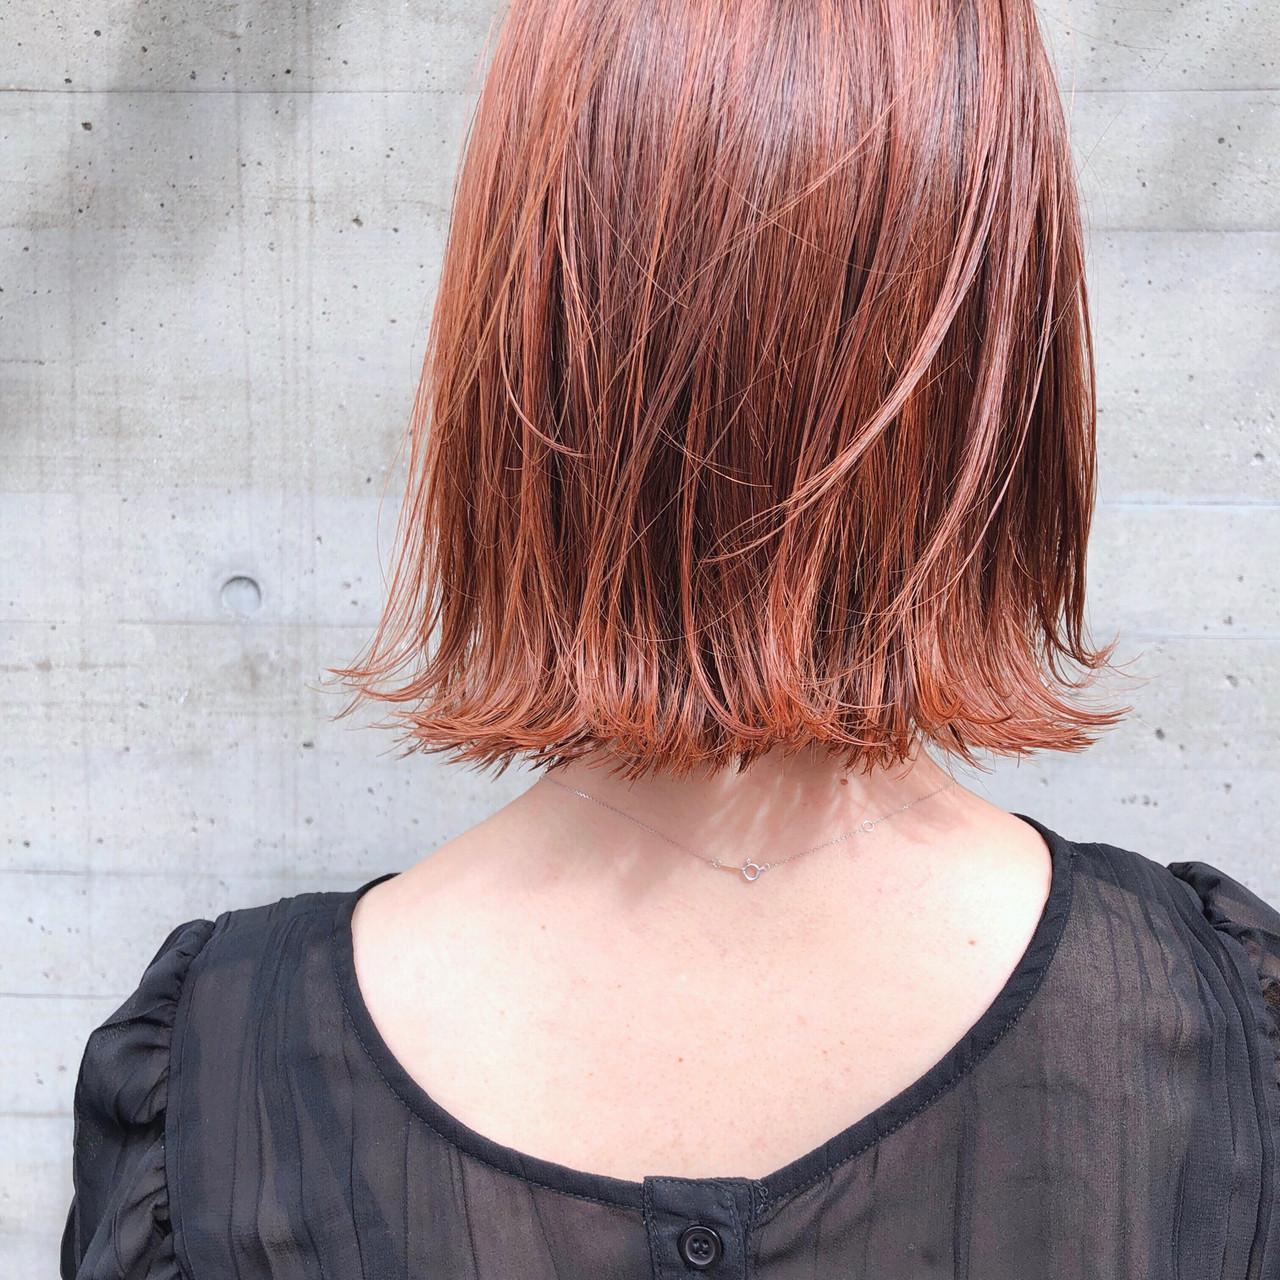 アンニュイほつれヘア ボブ アプリコットオレンジ 外ハネボブ ヘアスタイルや髪型の写真・画像